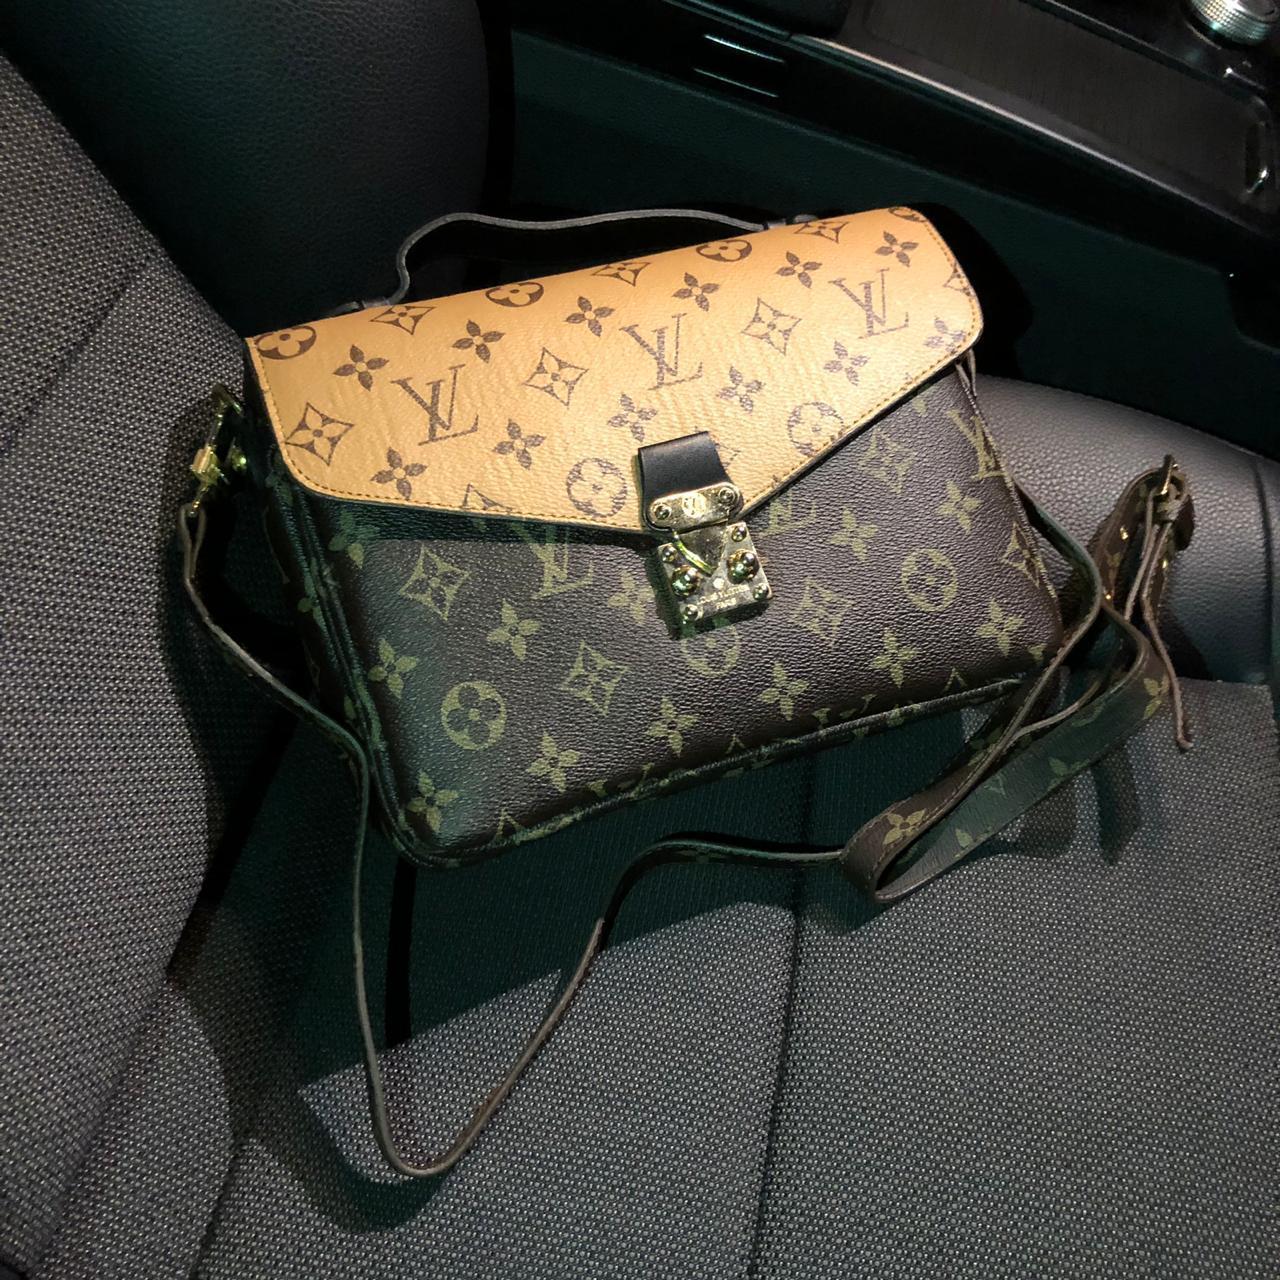 Жіноча сумка в стилі LOUIS VUITTON (Луї Віттон), коричневий колір